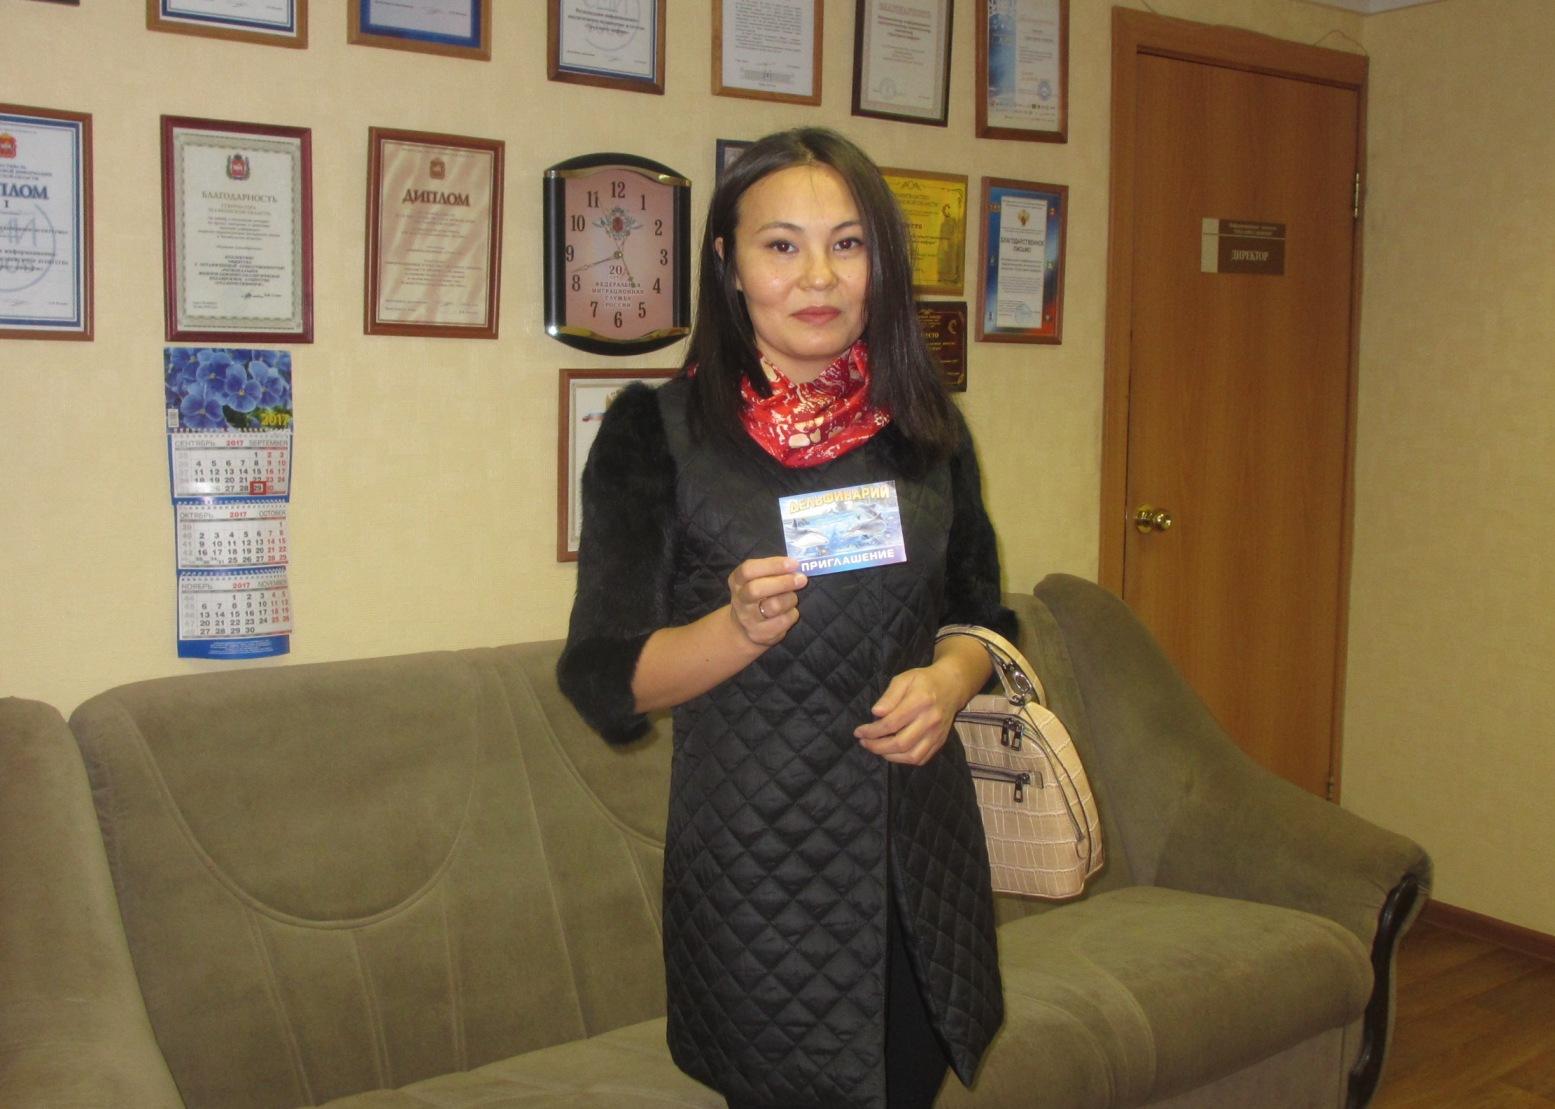 Билеты на выступление разыгрывались в группе агентства. Для участия в конкурсе необходимо было сд